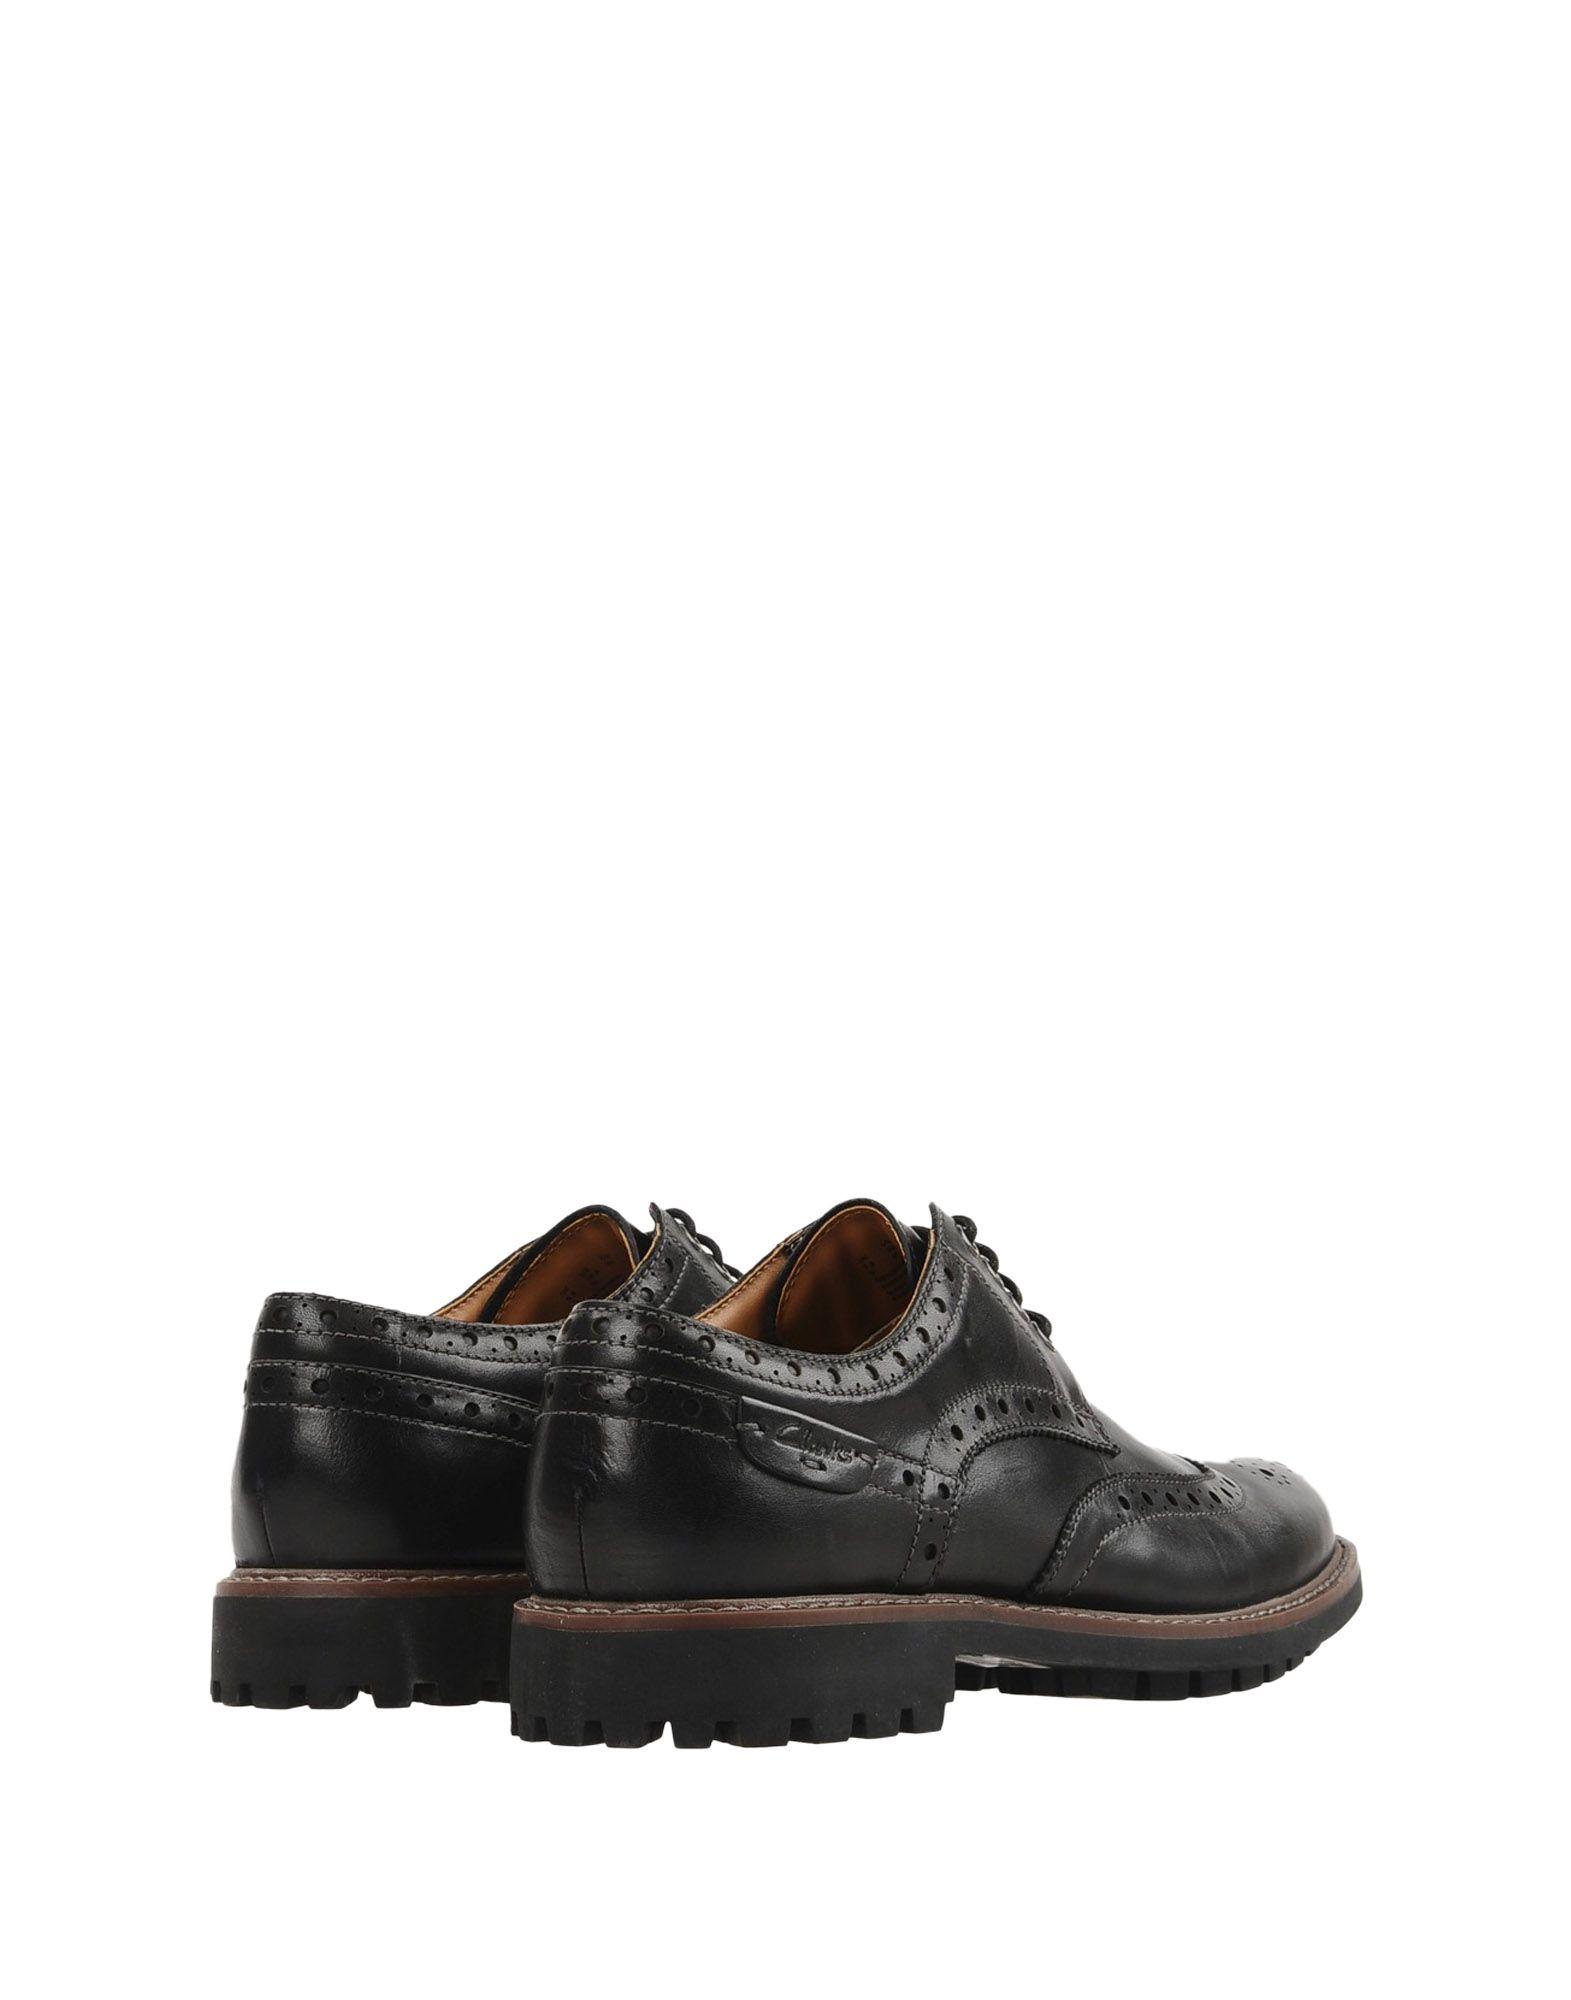 Chaussures À Lacets Clarks Montacute Wing - Homme - Chaussures À Lacets Clarks sur